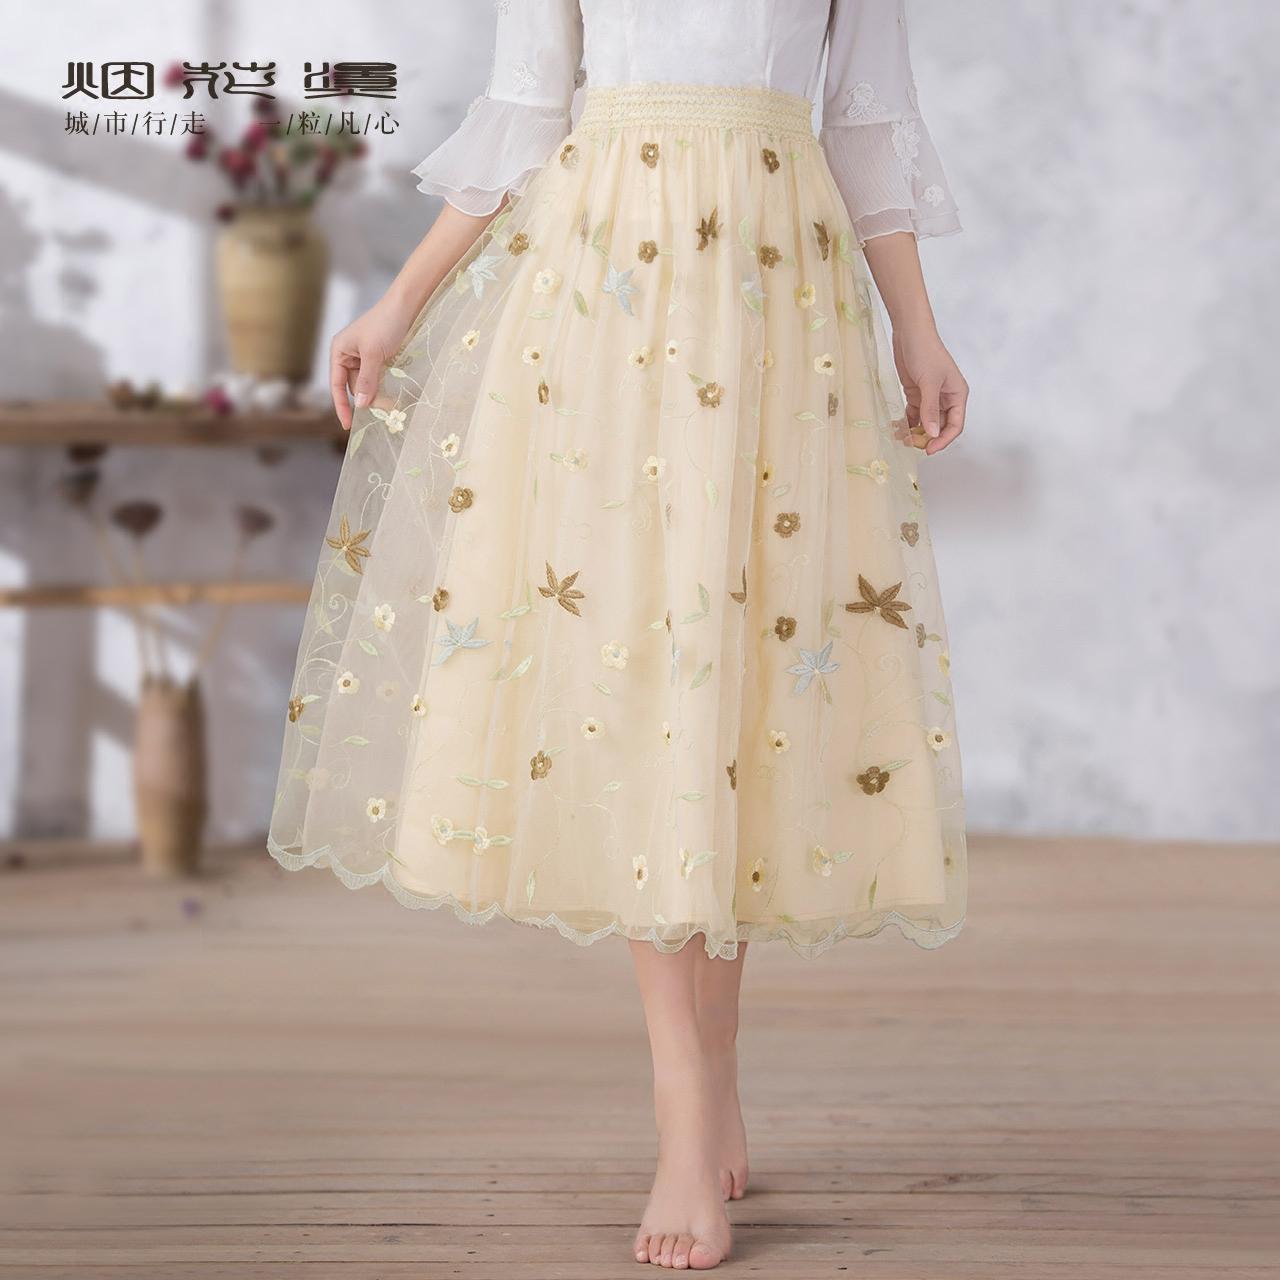 烟花烫GLP半身裙秋装女2018新款甜美清新气质网纱绣花裙子 舞茵